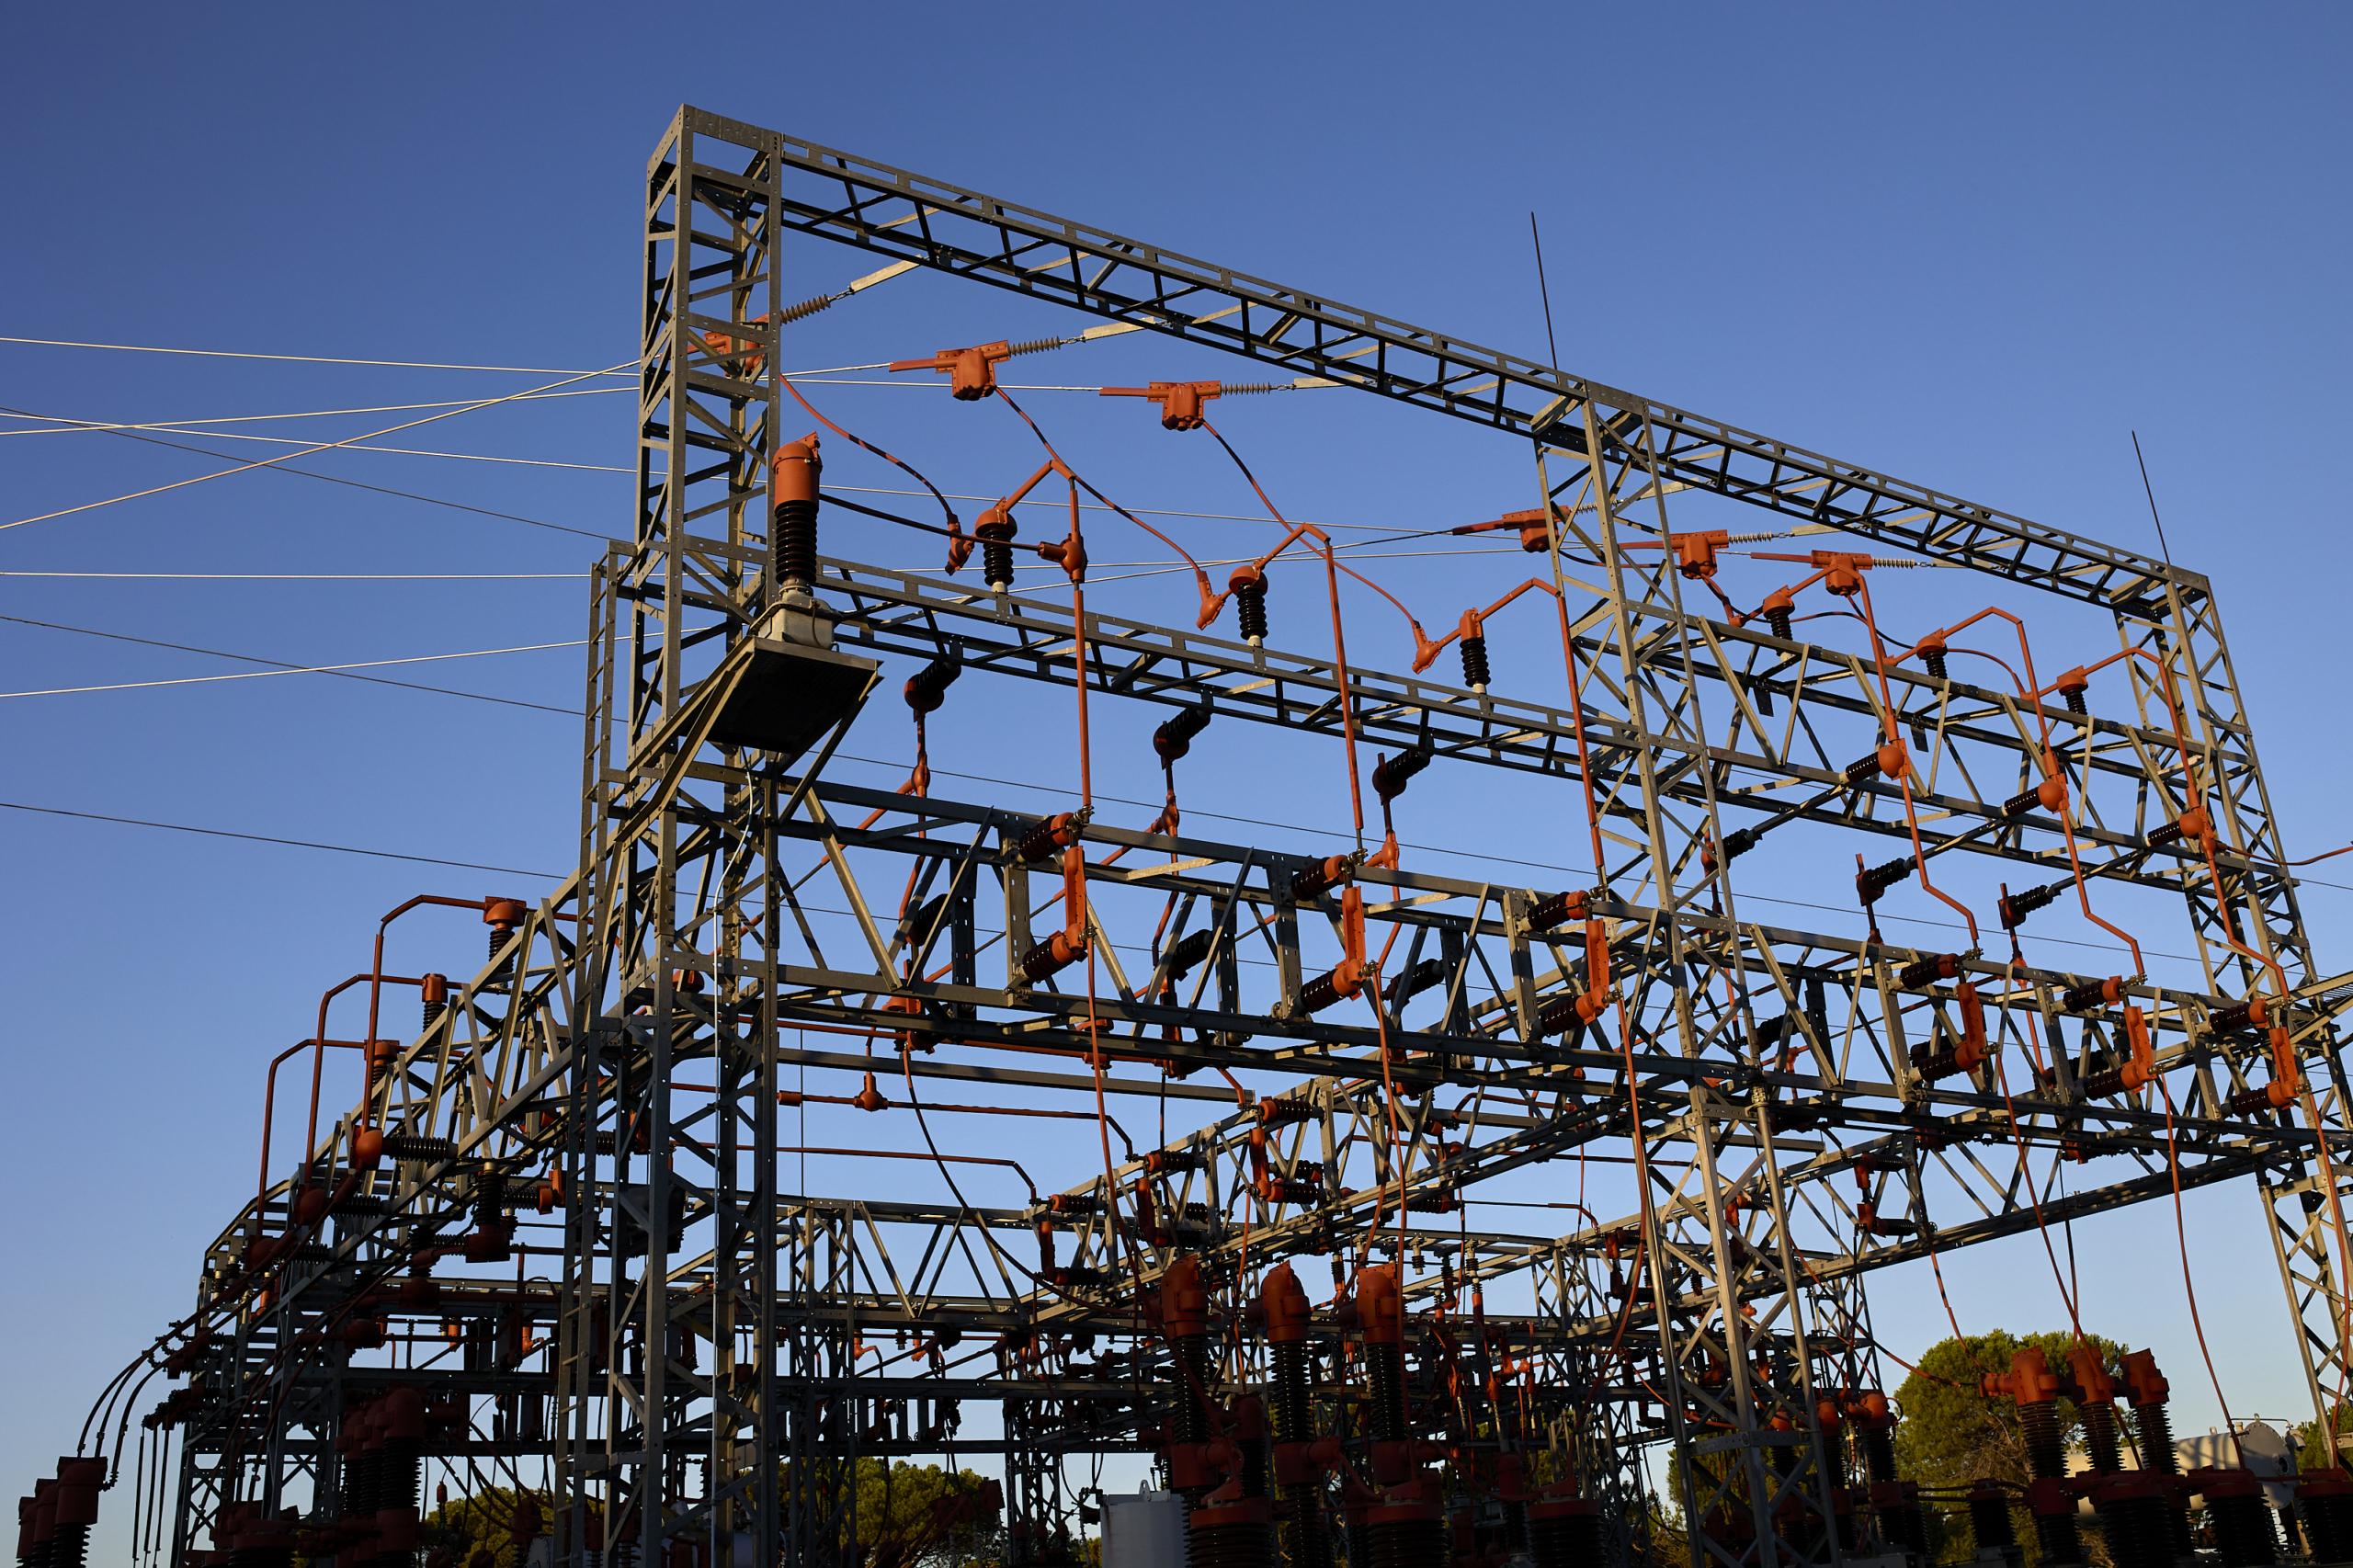 Una central eléctrica, a 21 de agosto de 2021, en Madrid (España). El precio medio diario de la electricidad en el mercado mayorista caerá este domingo un 8,74%, por lo que desciende por segunda jornada consecutiva, aunque se mantendrá por encima de los 100 euros por megavatio hora (MWH). En concreto, el precio para este domingo será de 100,51 euros/MWh. De esta manera, el precio de la luz en el 'pool' eléctrico vuelve a alejarse algo de los récords con los que coqueteó el pasado viernes, con un precio medio para ese día de 117,14 euros/MWh, el segundo más alto de la serie histórica. 21 AGOSTO 2021;LUZ;TARIFA ELÉCTRICA;ENERGÍA;CENTRAL ELÉCTRICA;PRECIO DE LA LUZ Jesús Hellín / Europa Press 21/8/2021